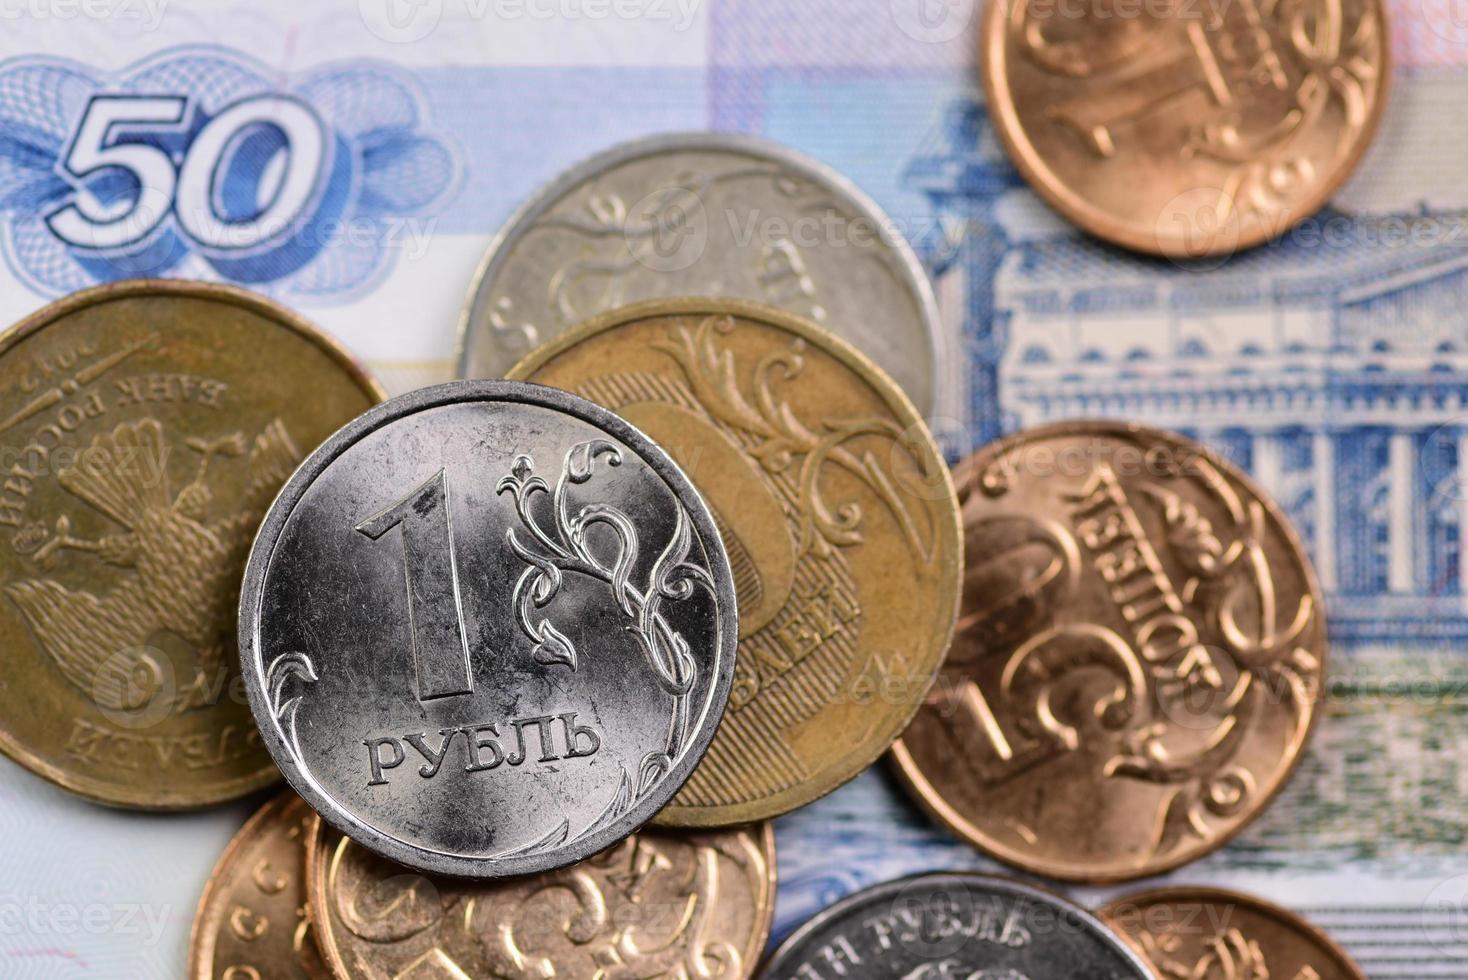 Russisch geld foto